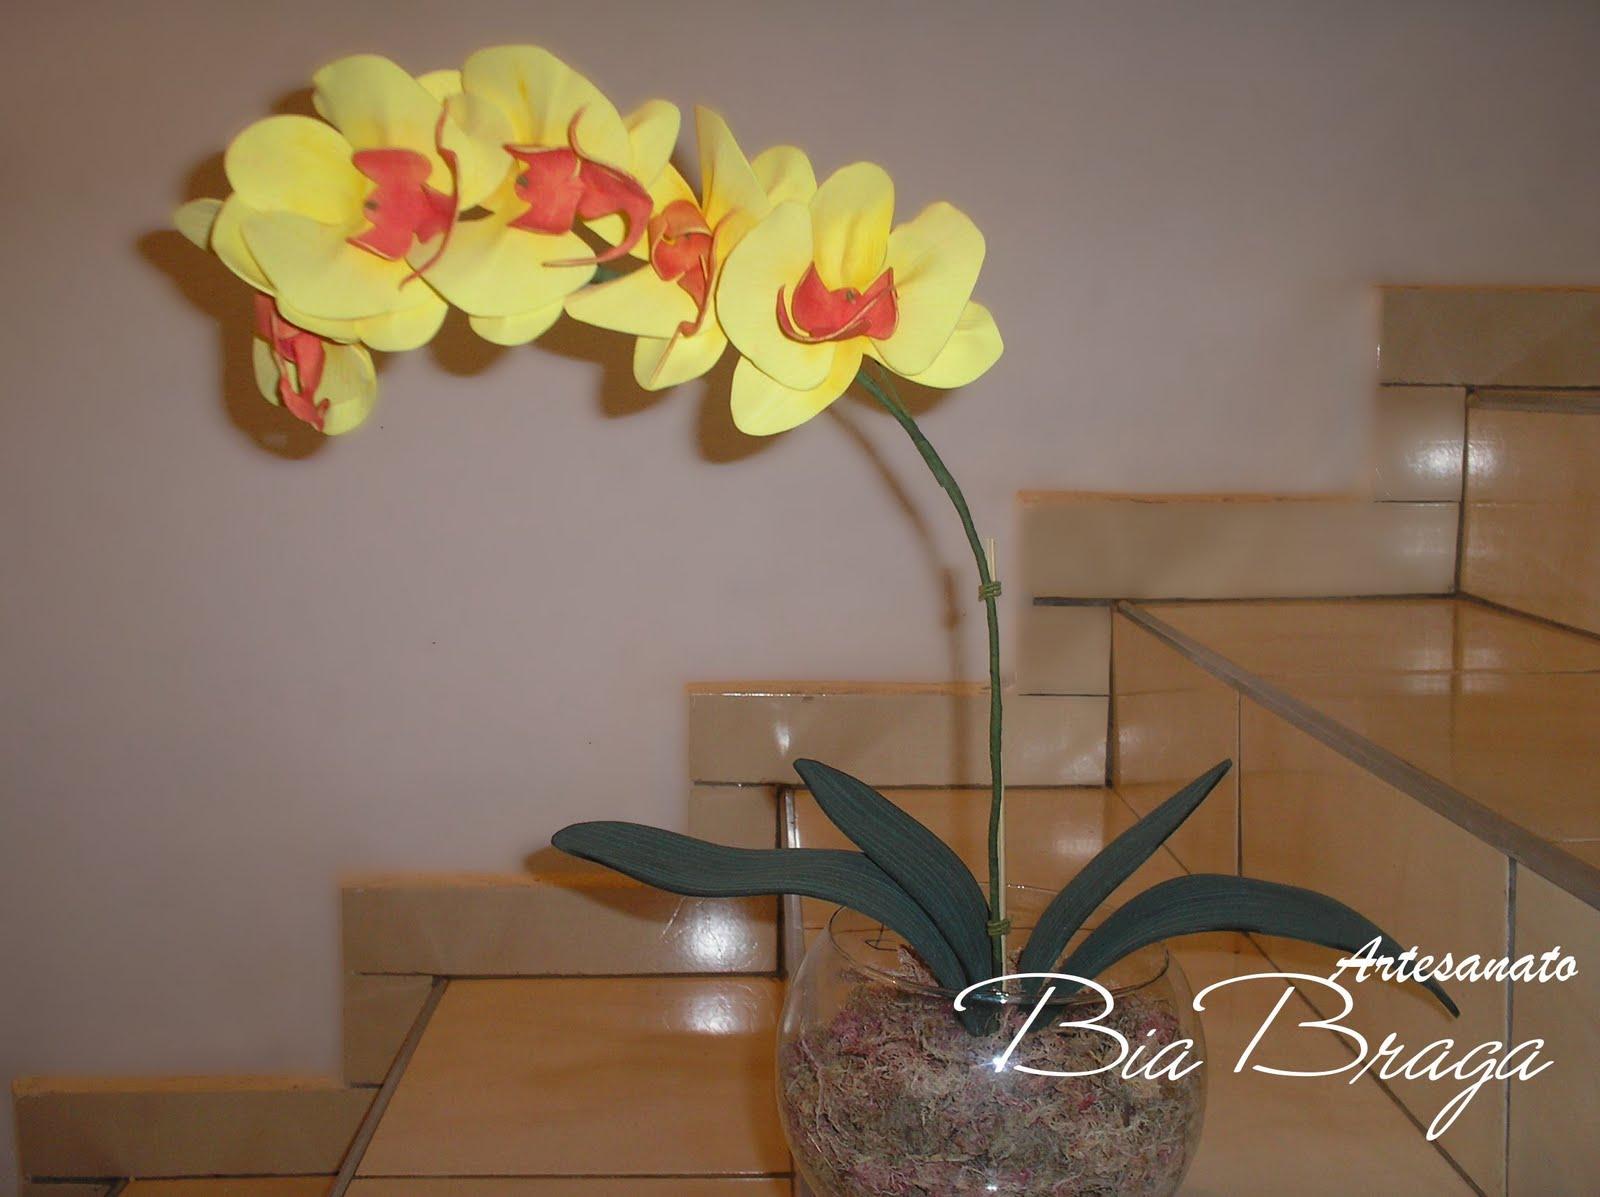 Bia Braga Orqudea Phalaenopsis Amarela De EVA